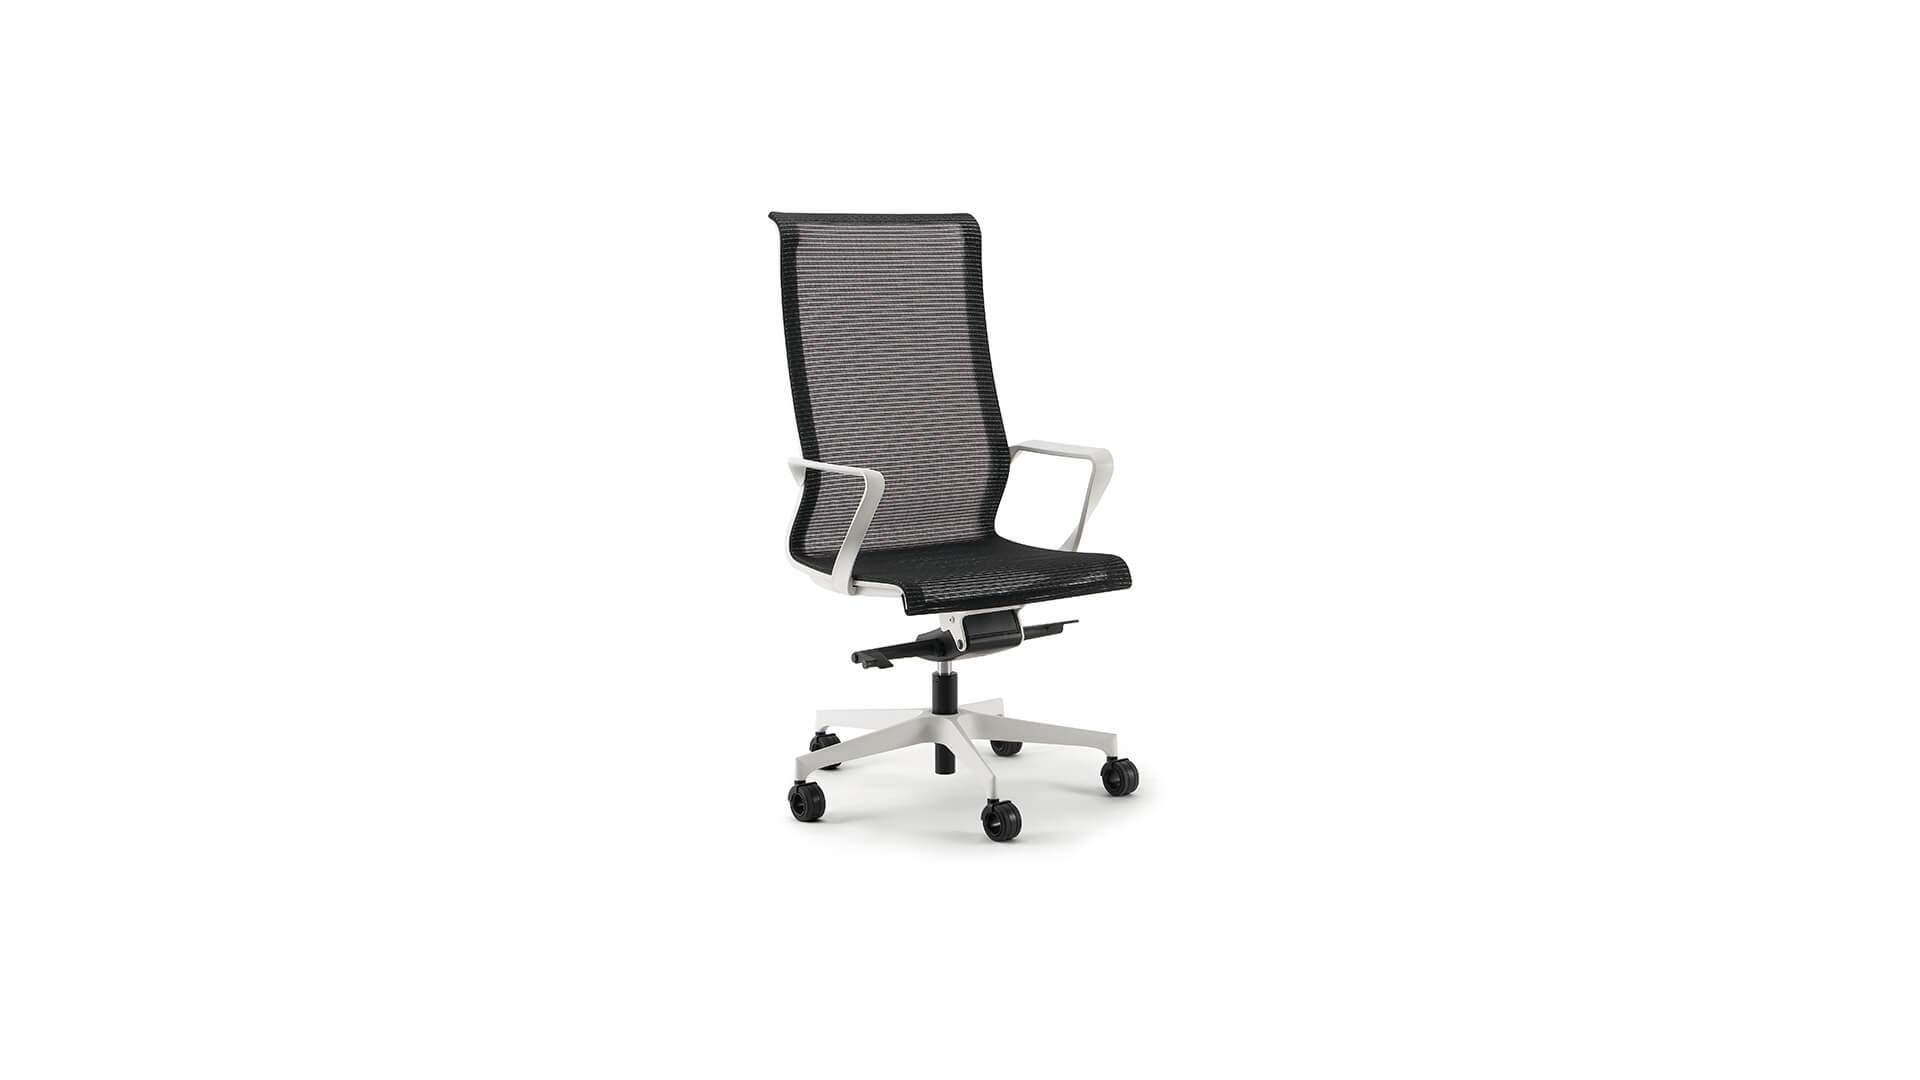 Silla para ejectuvios en despachos de oficina